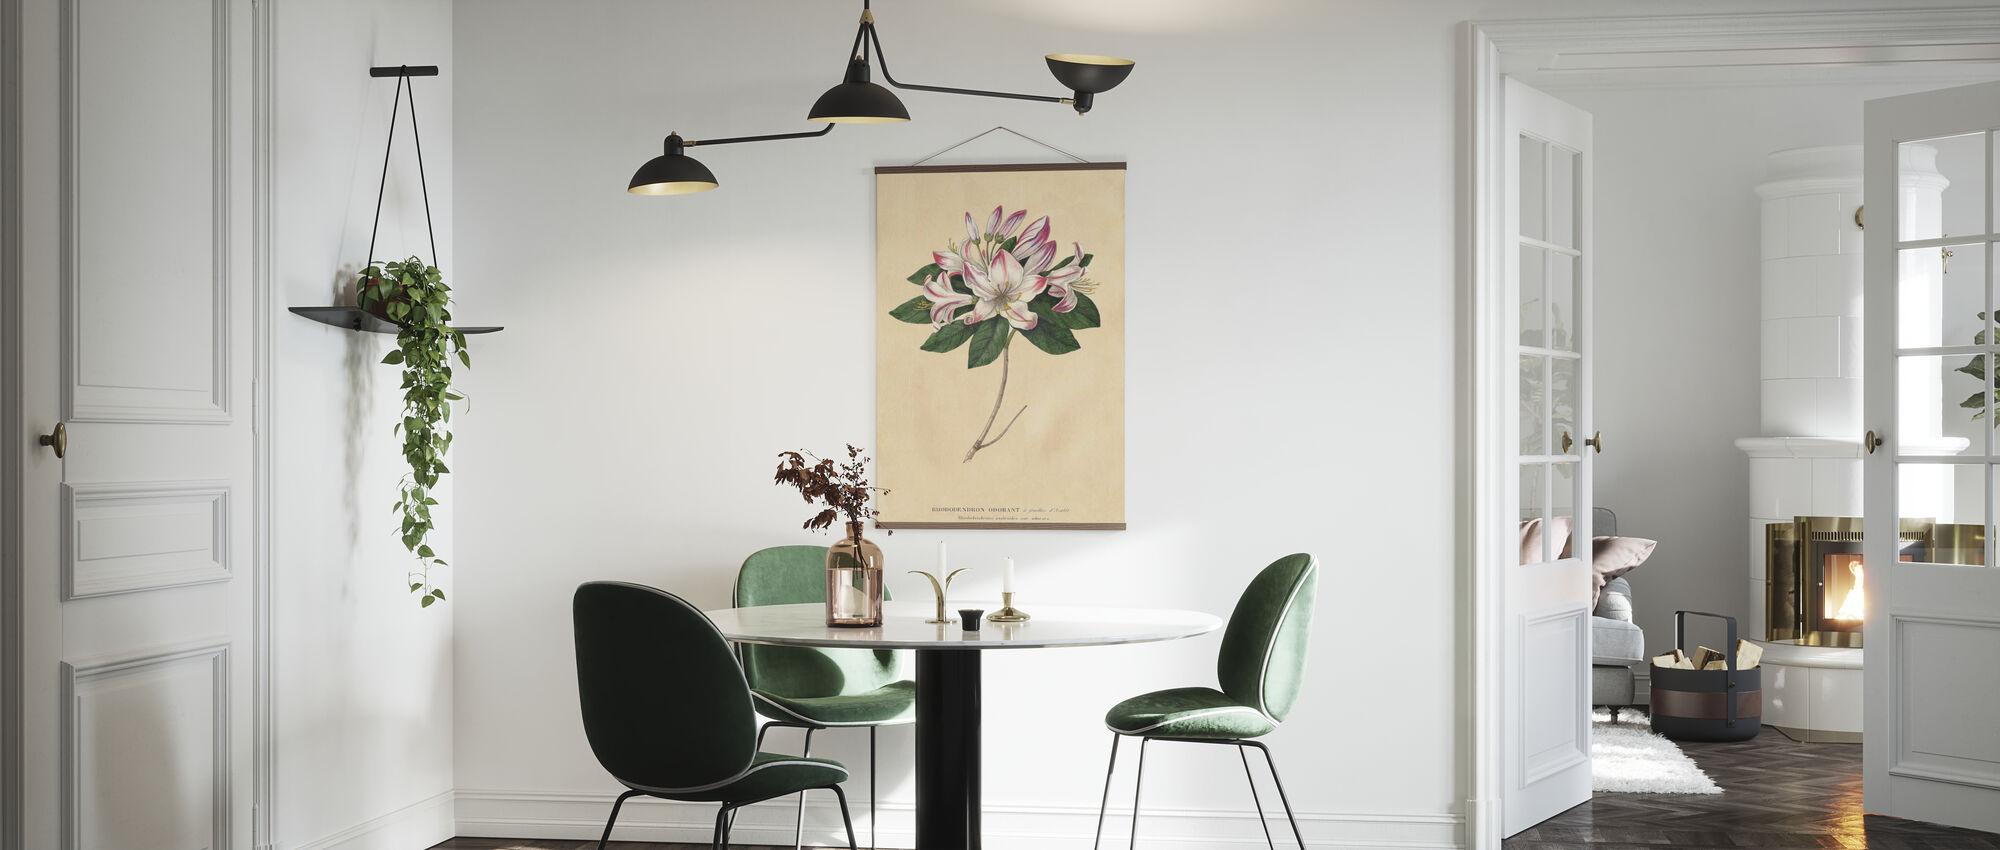 Rhododendron Vintage - Plakat - Kjøkken